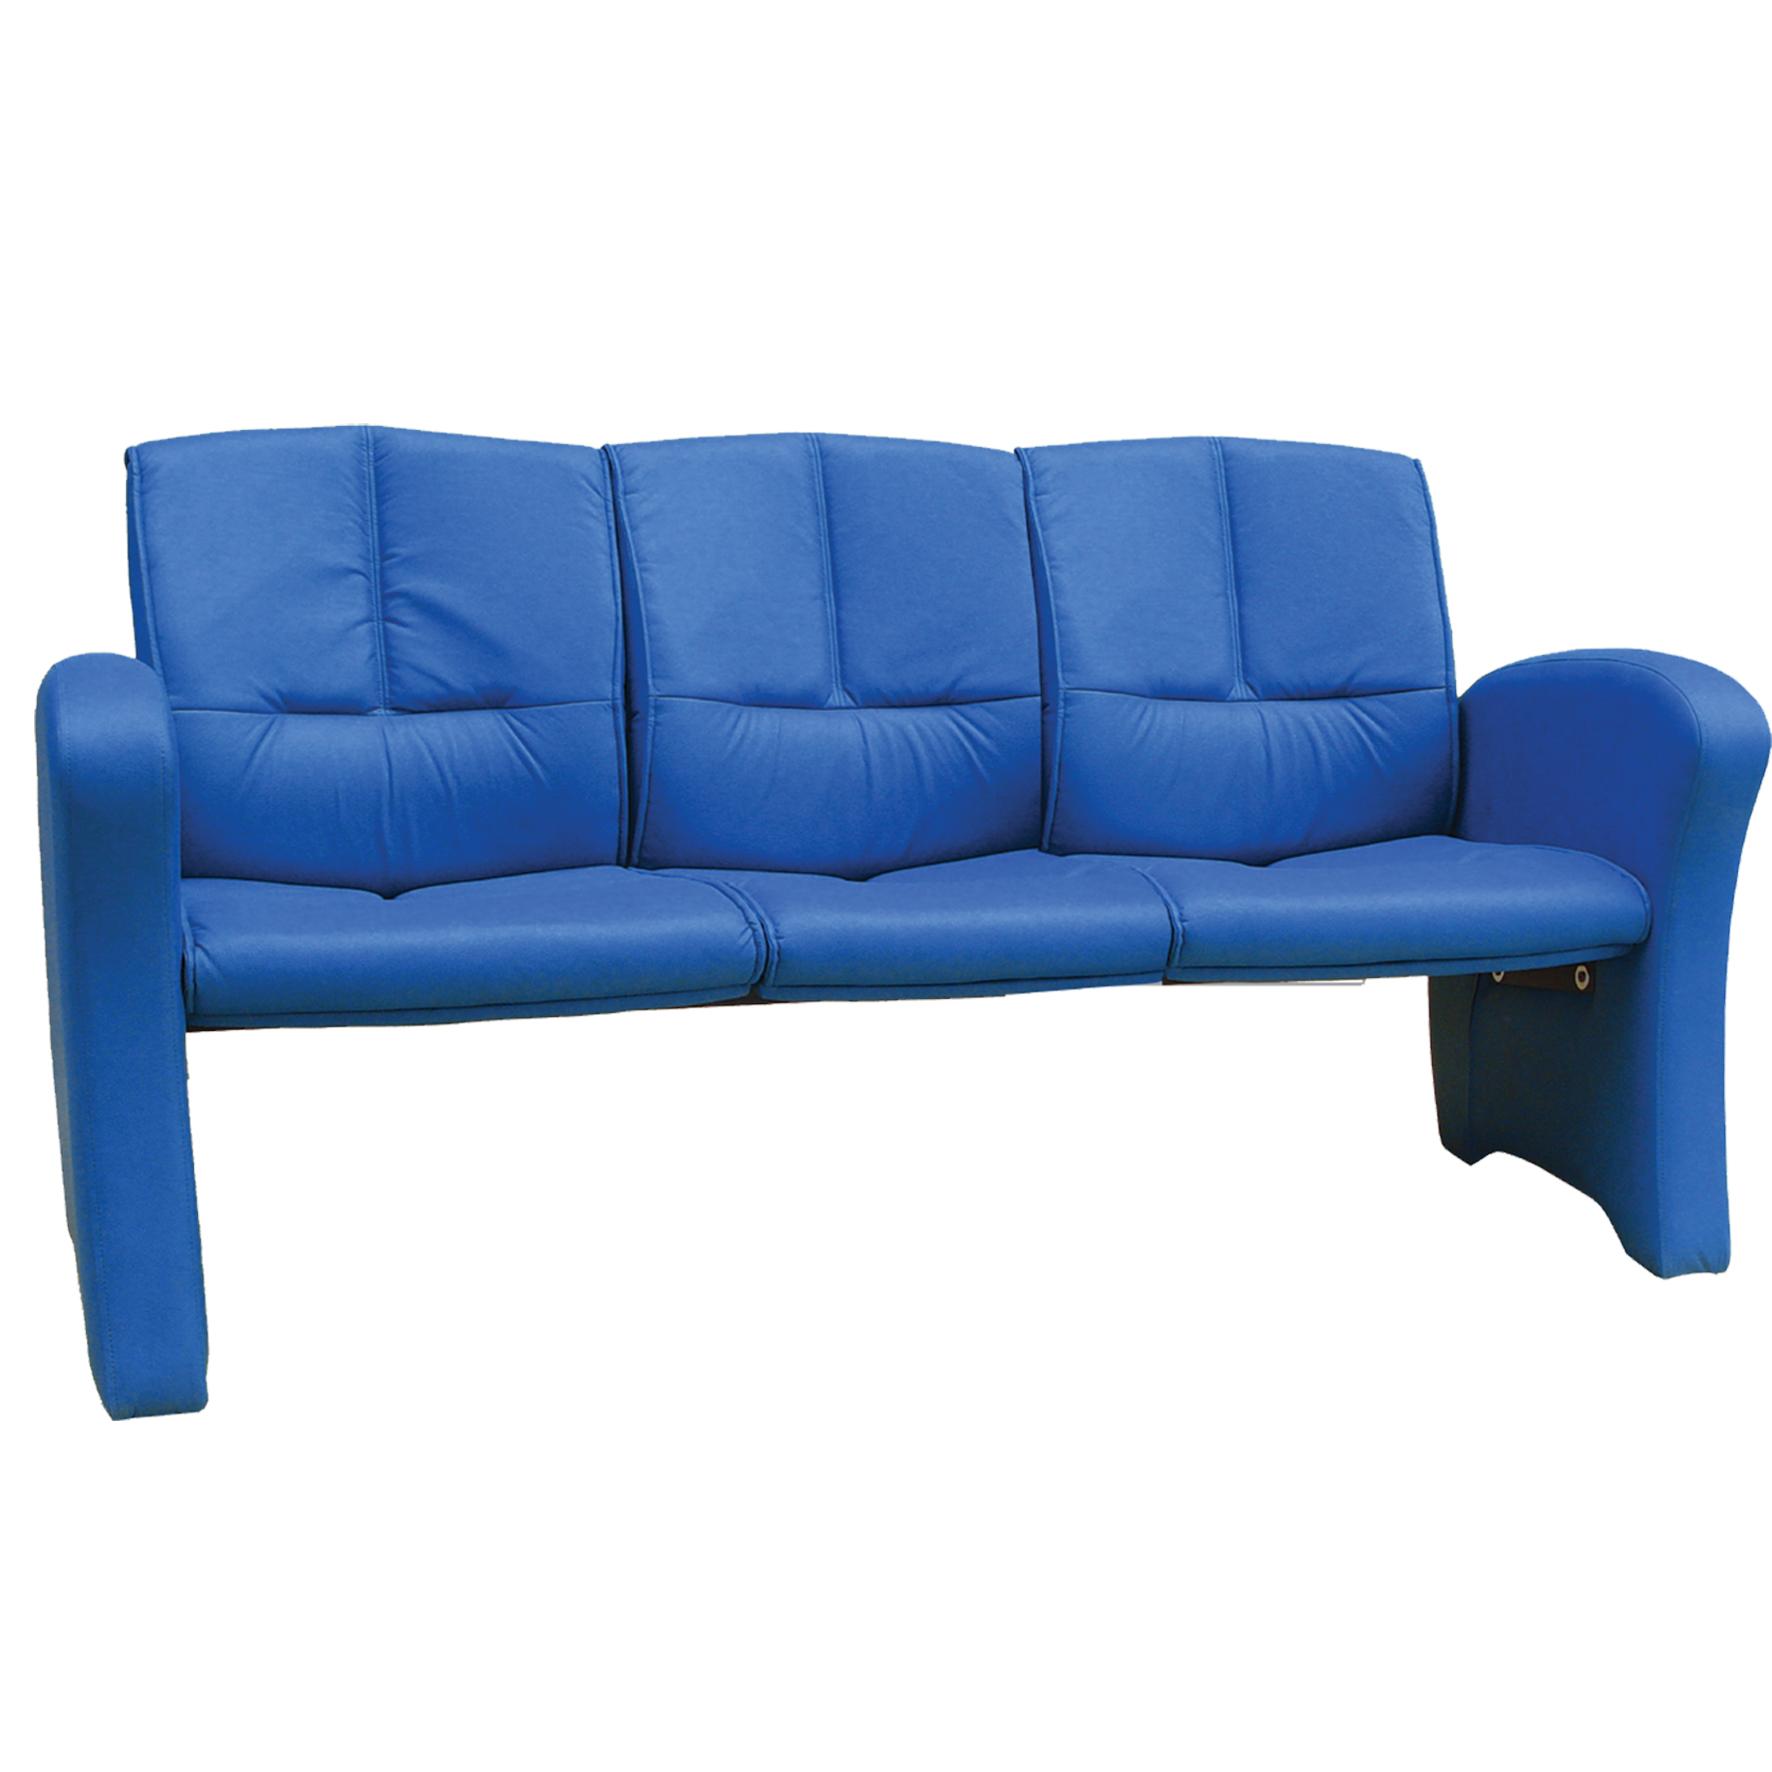 Sofa 198 grupo meta soluciones de limpieza muebles y for Sillones para oficina precios